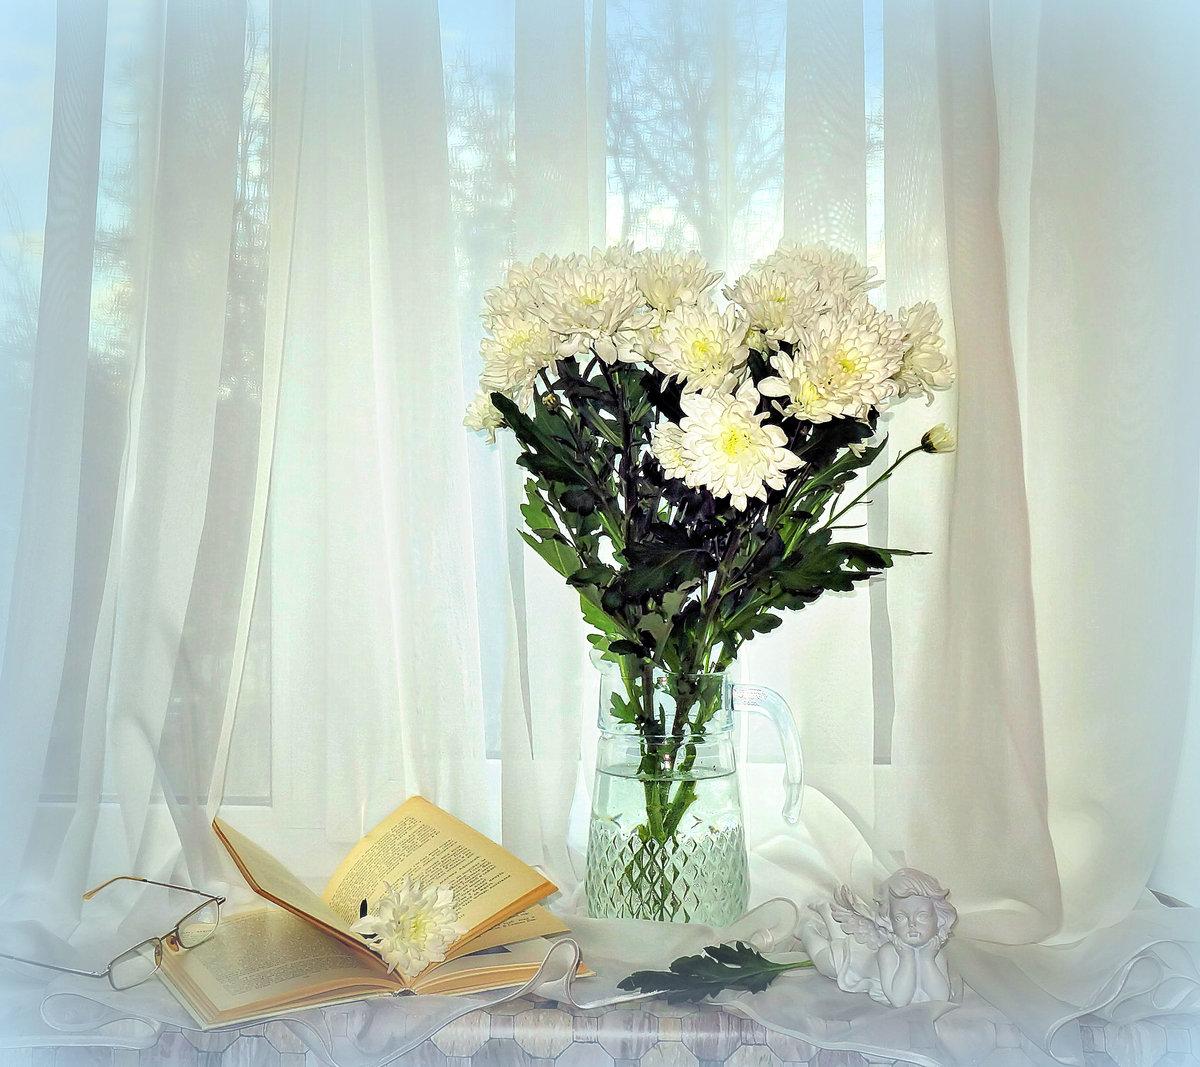 фотографии хризантем в вазе на окне сделать ретушь